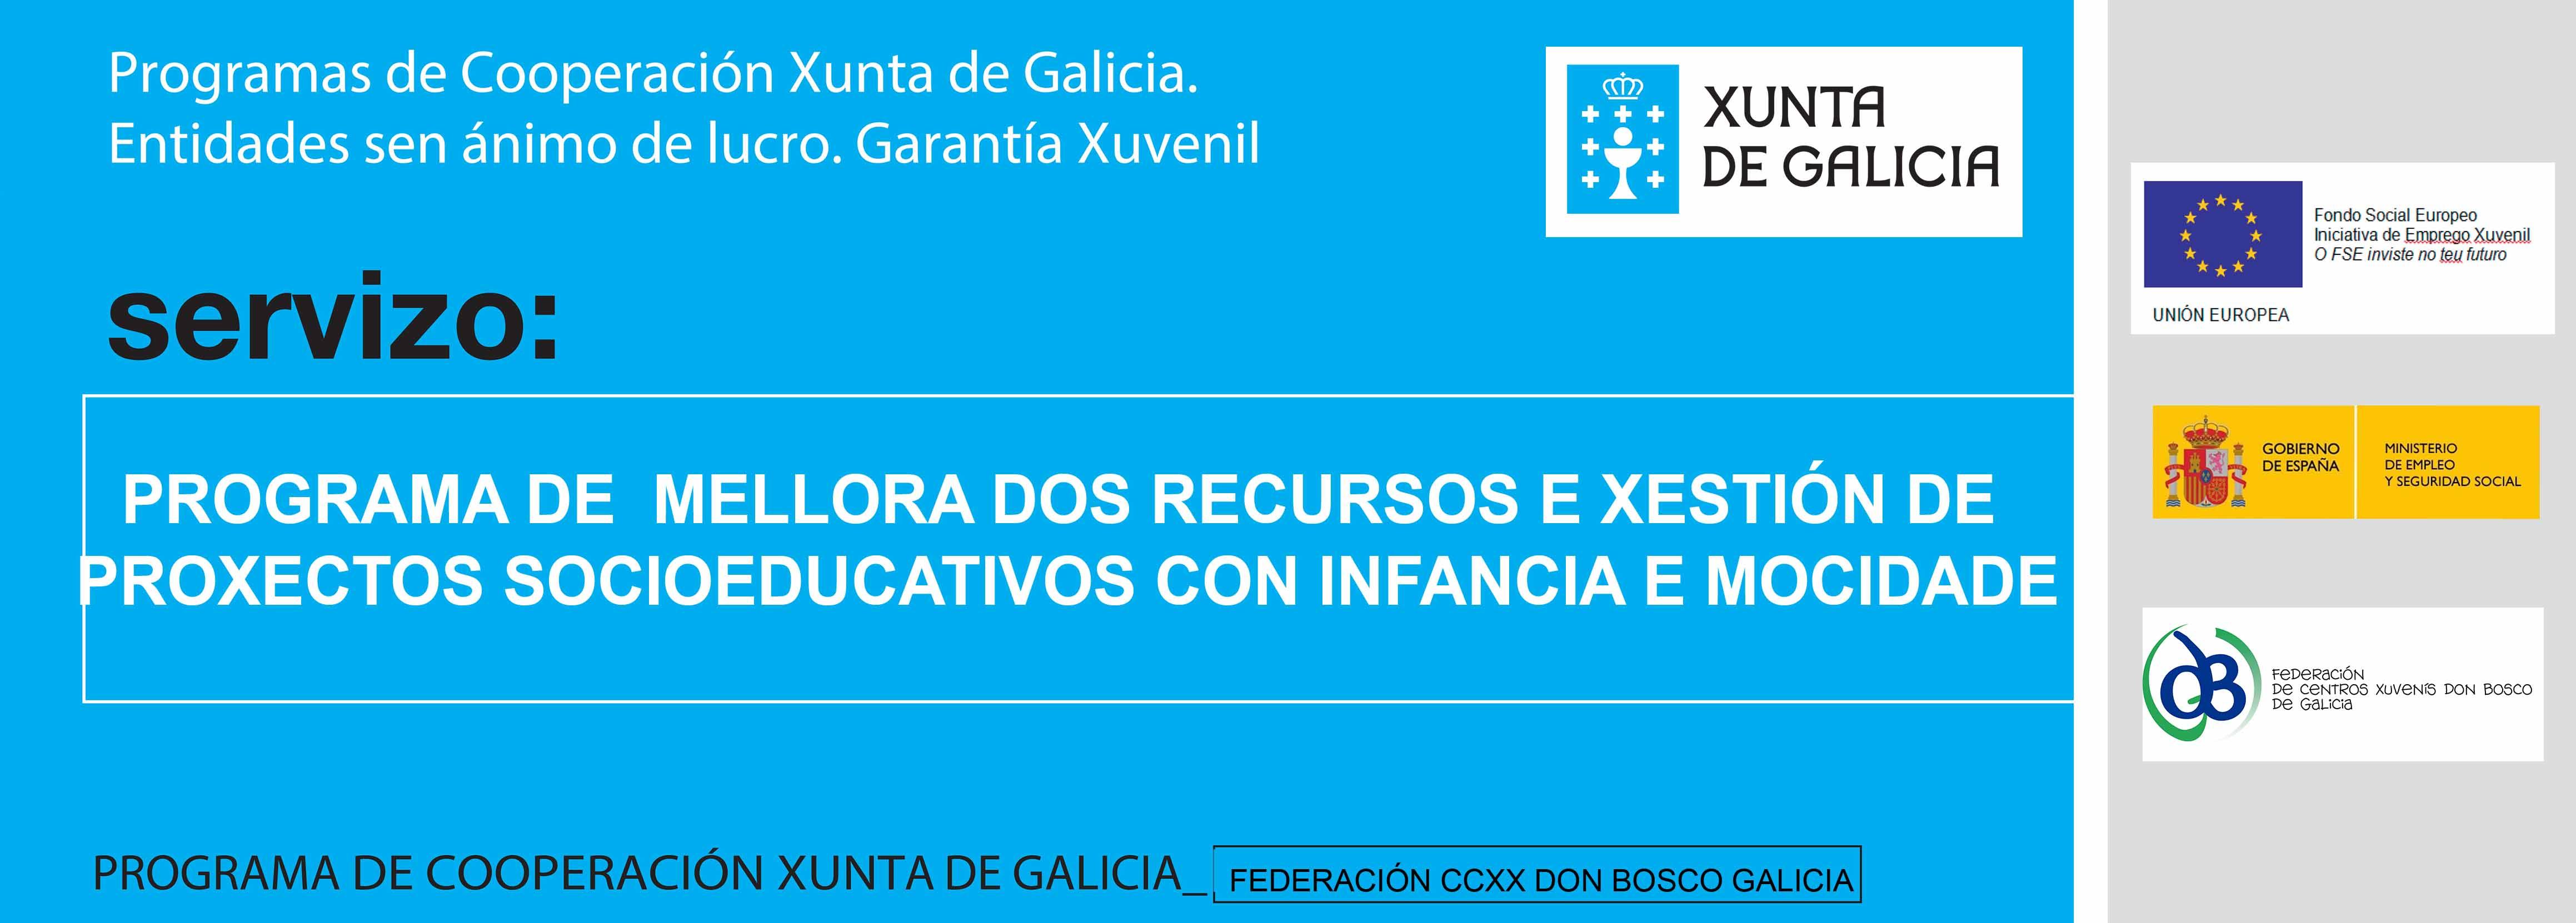 Programa de cooperación da Xunta de Galicia